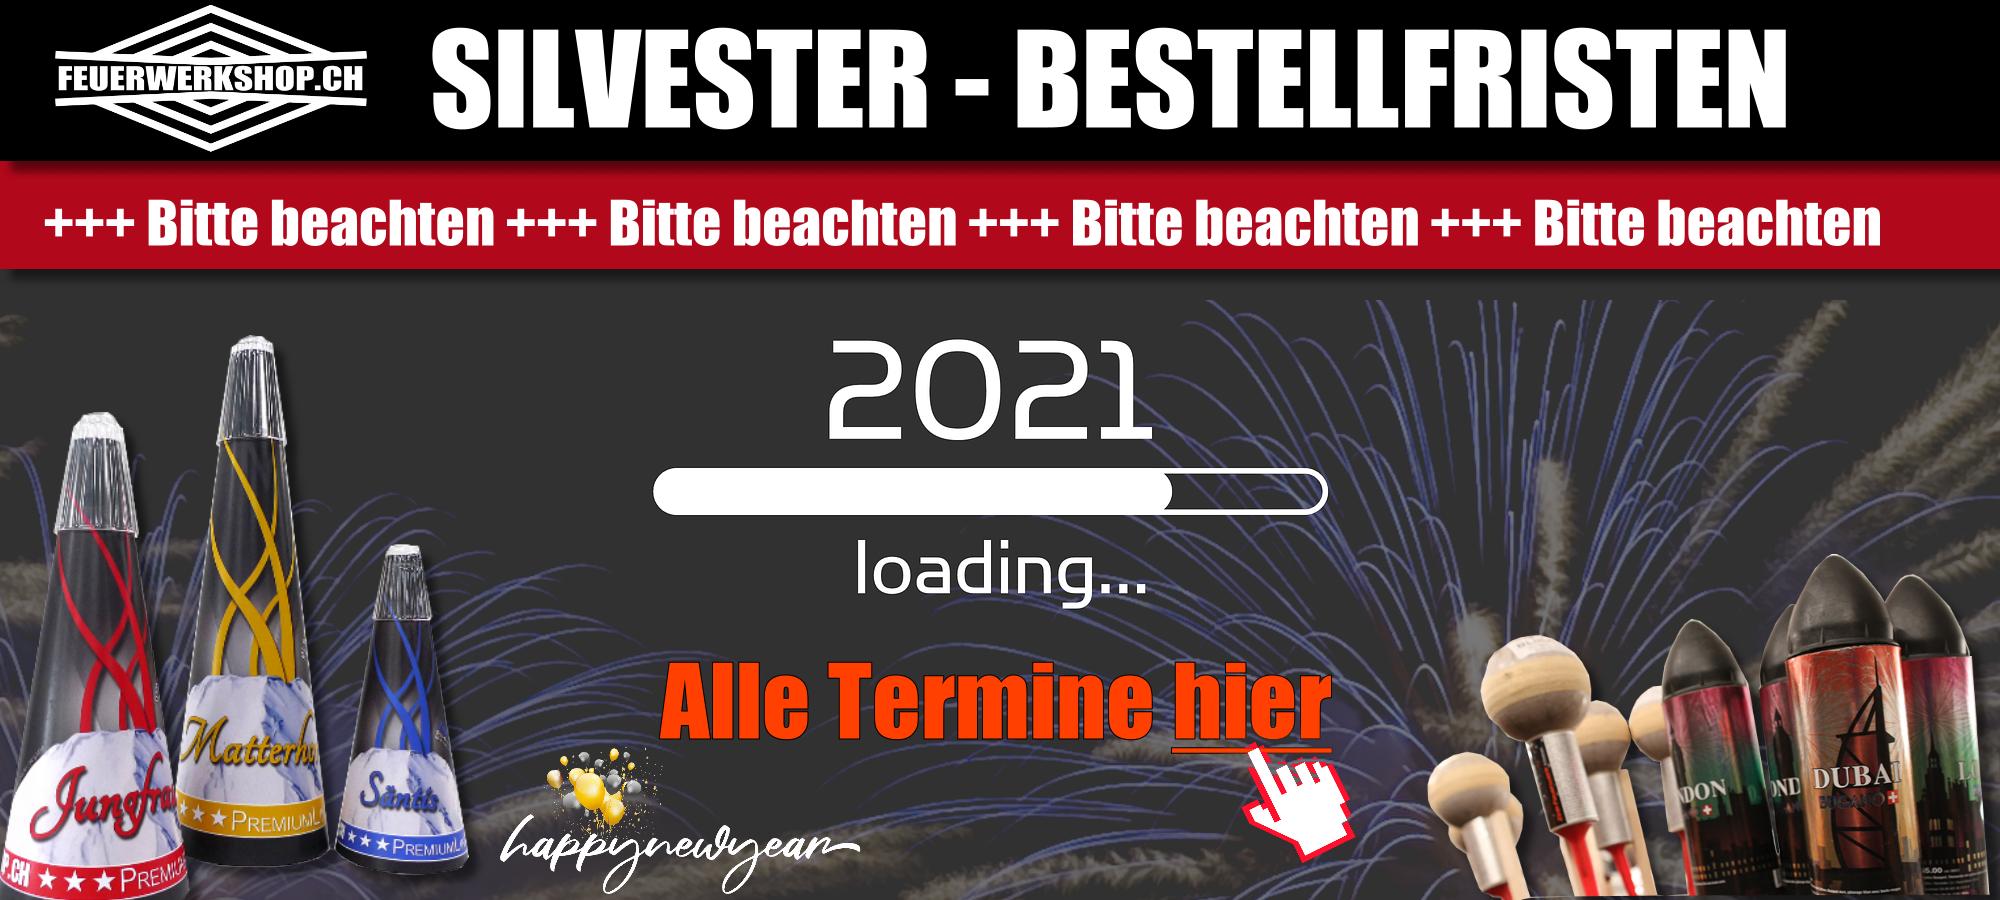 Silvester Feuerwerk vorbestellen - Bitte Bestellfristen beachten!